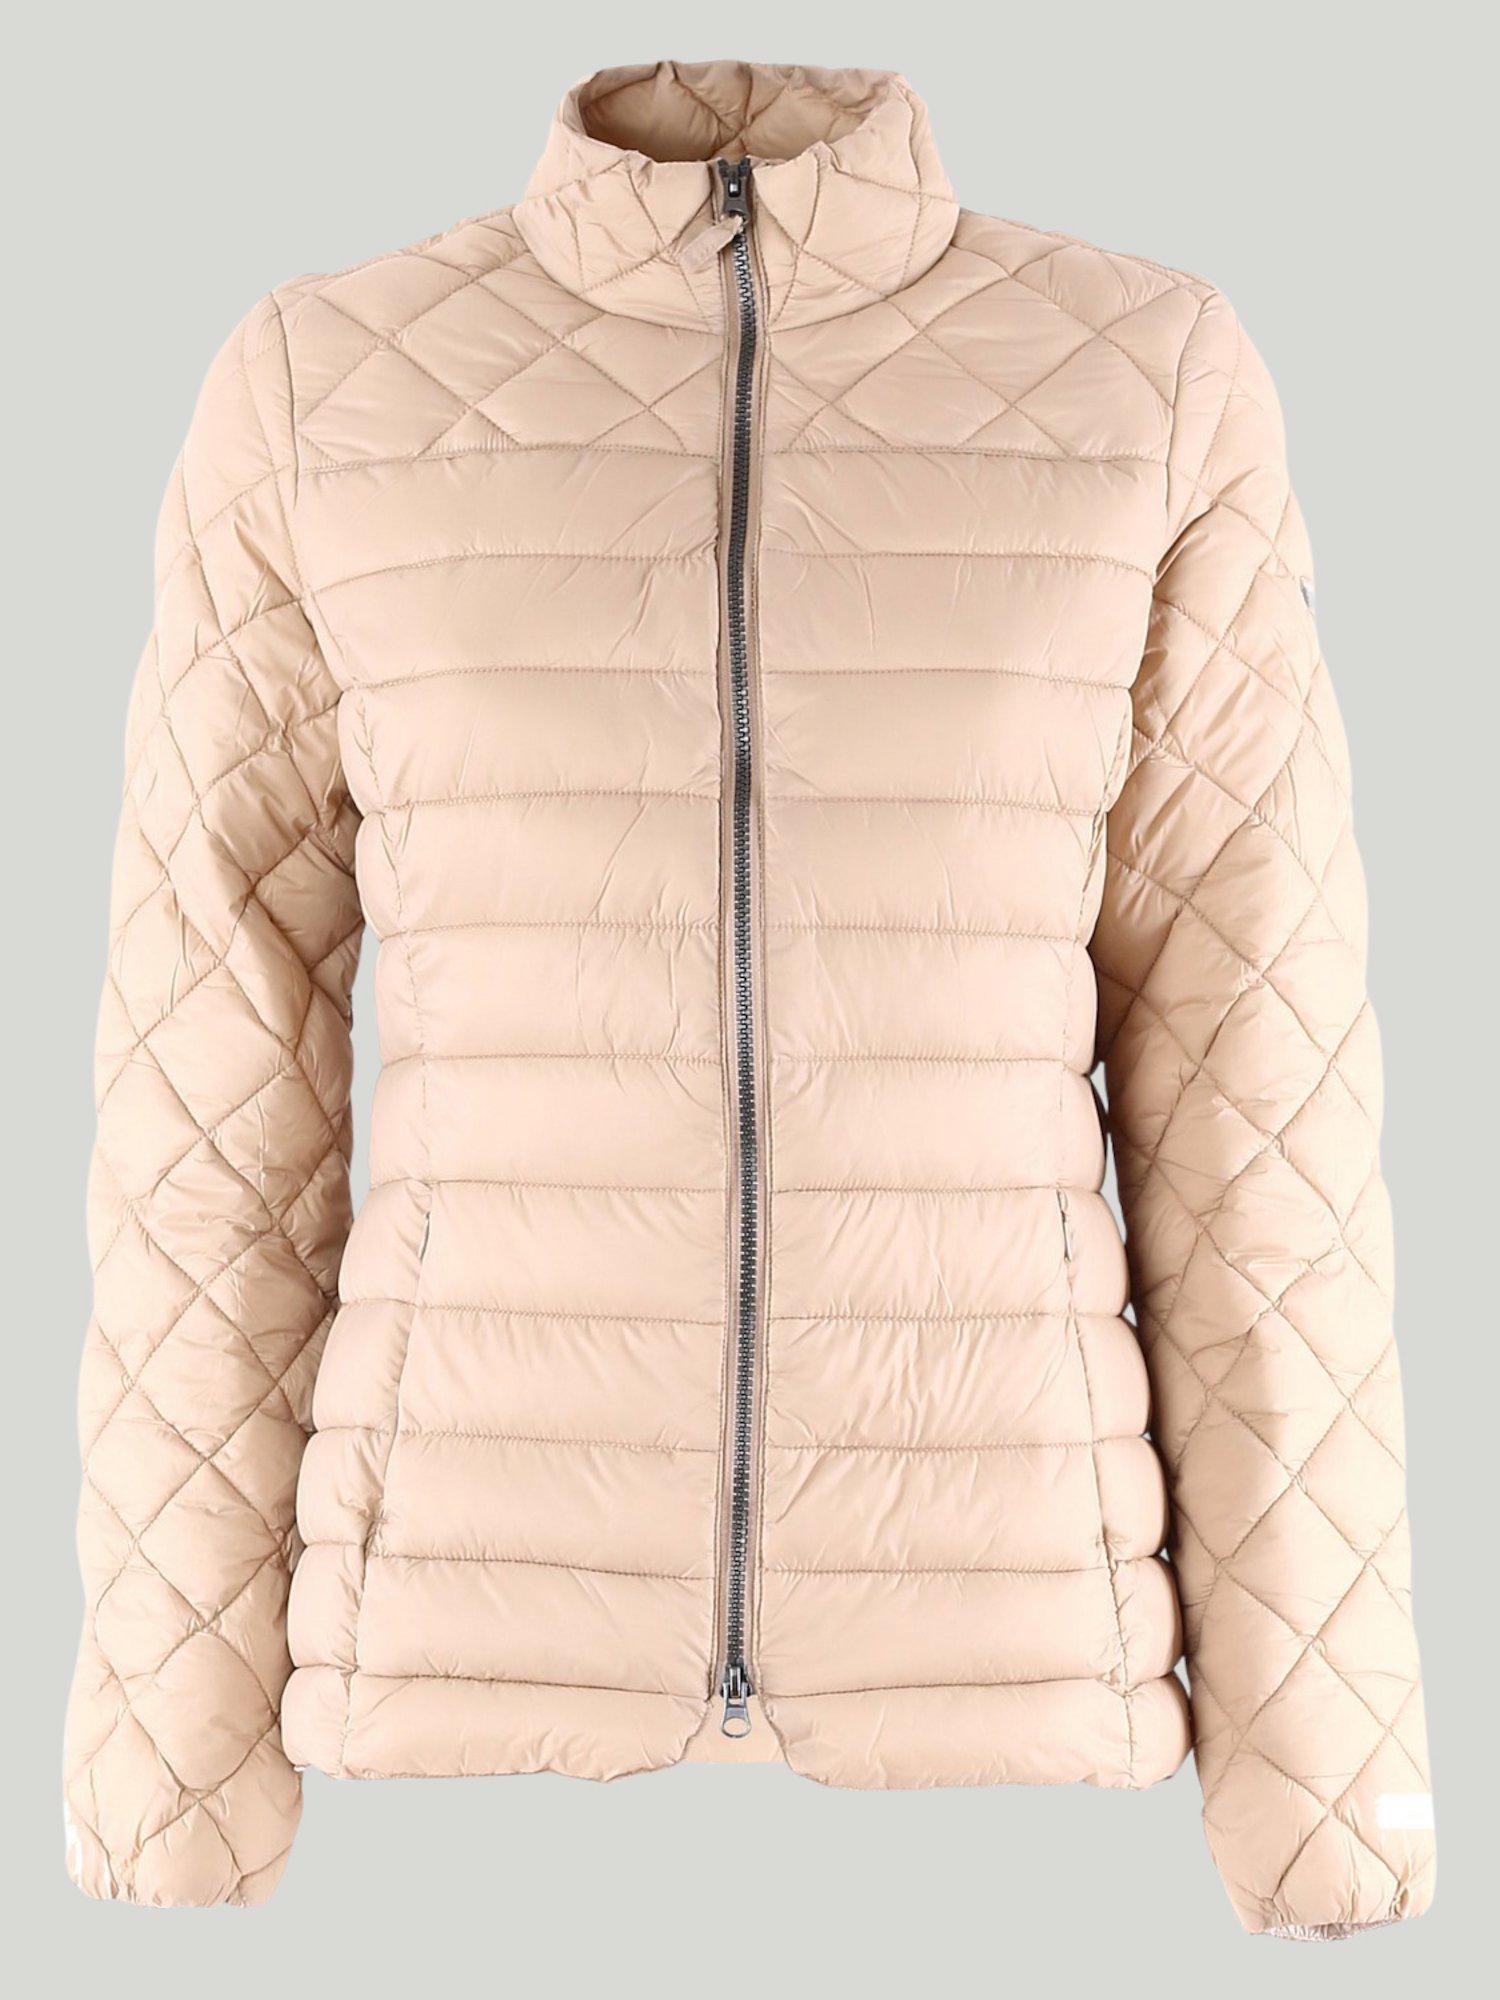 Skerki jacket - Camel